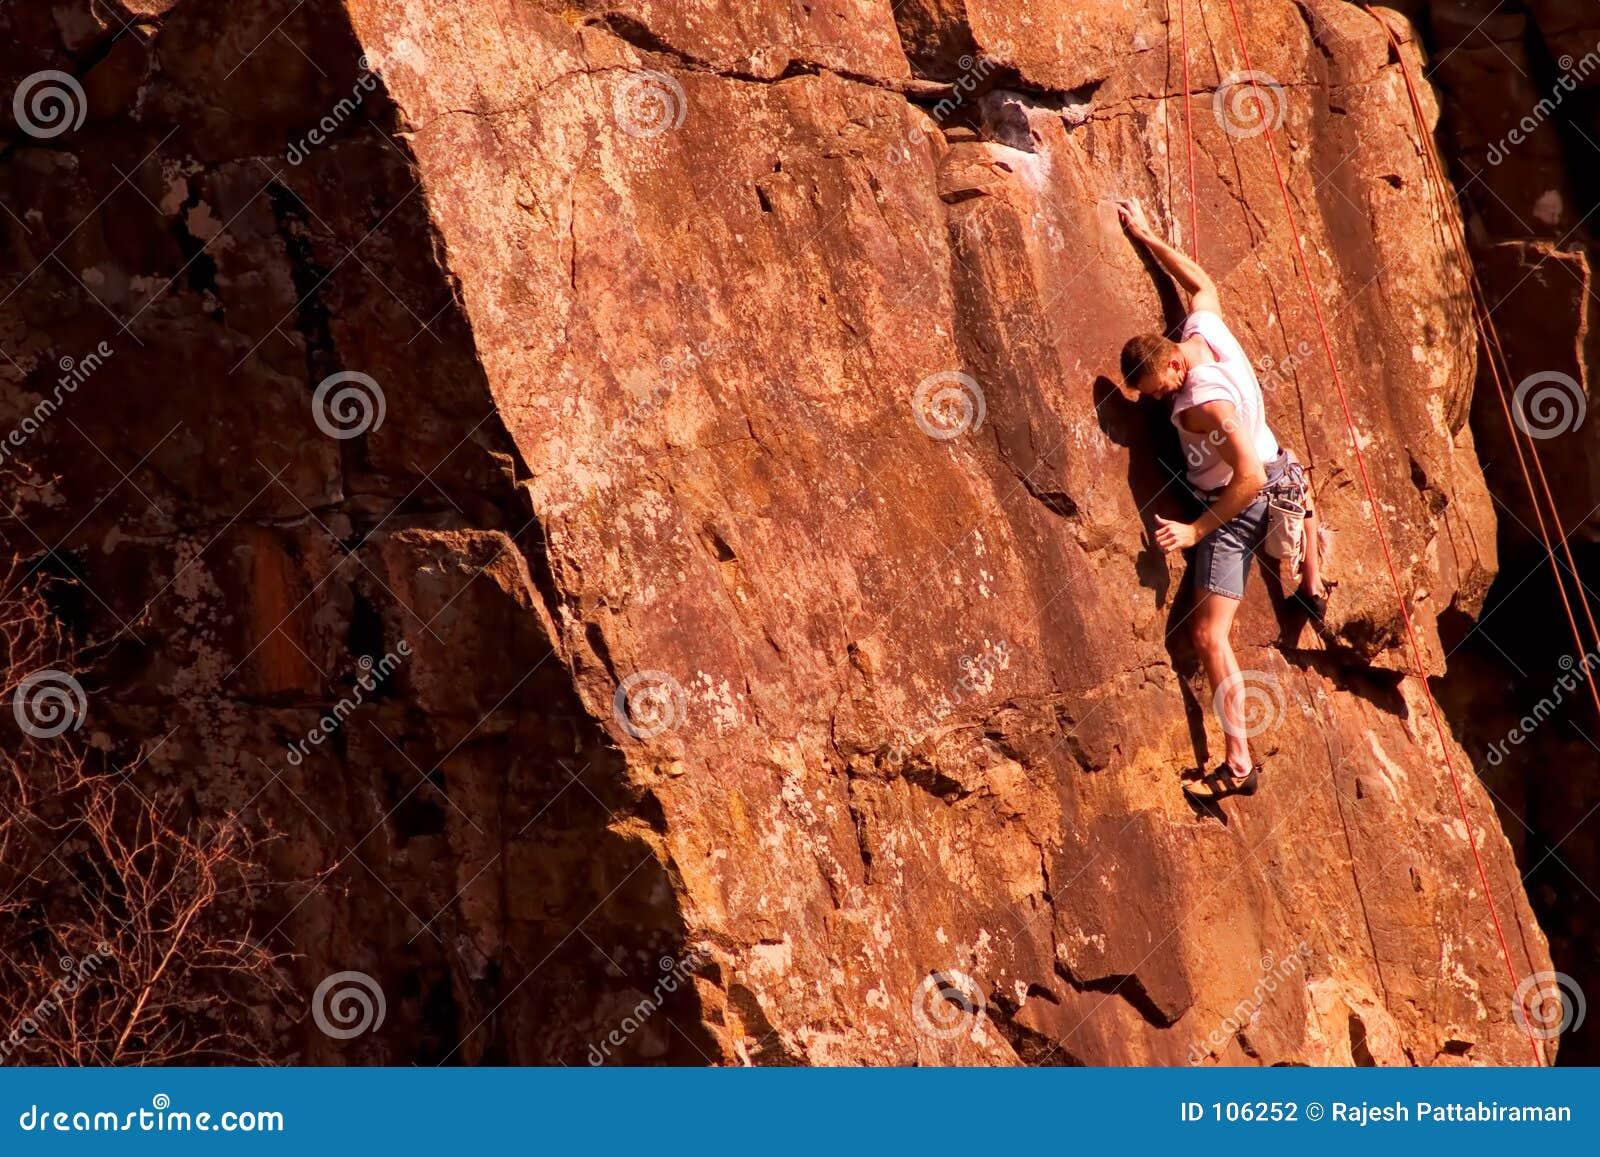 Rock Climber-1